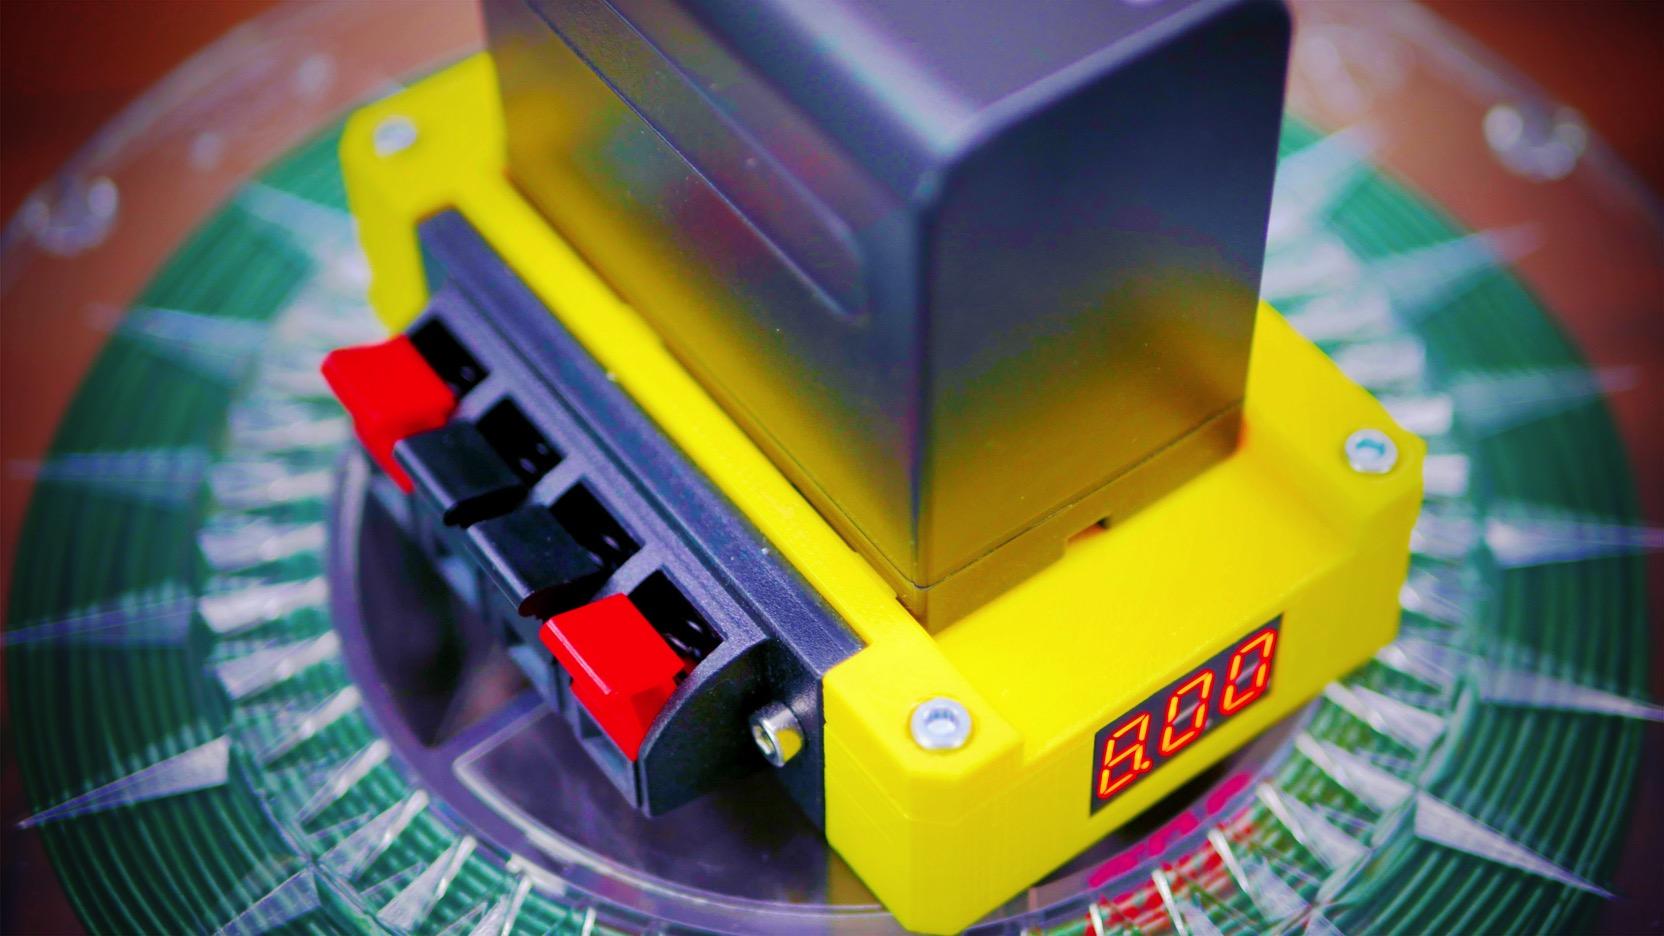 Battery powererd Bluetooth Audio Amplifier packs a punch